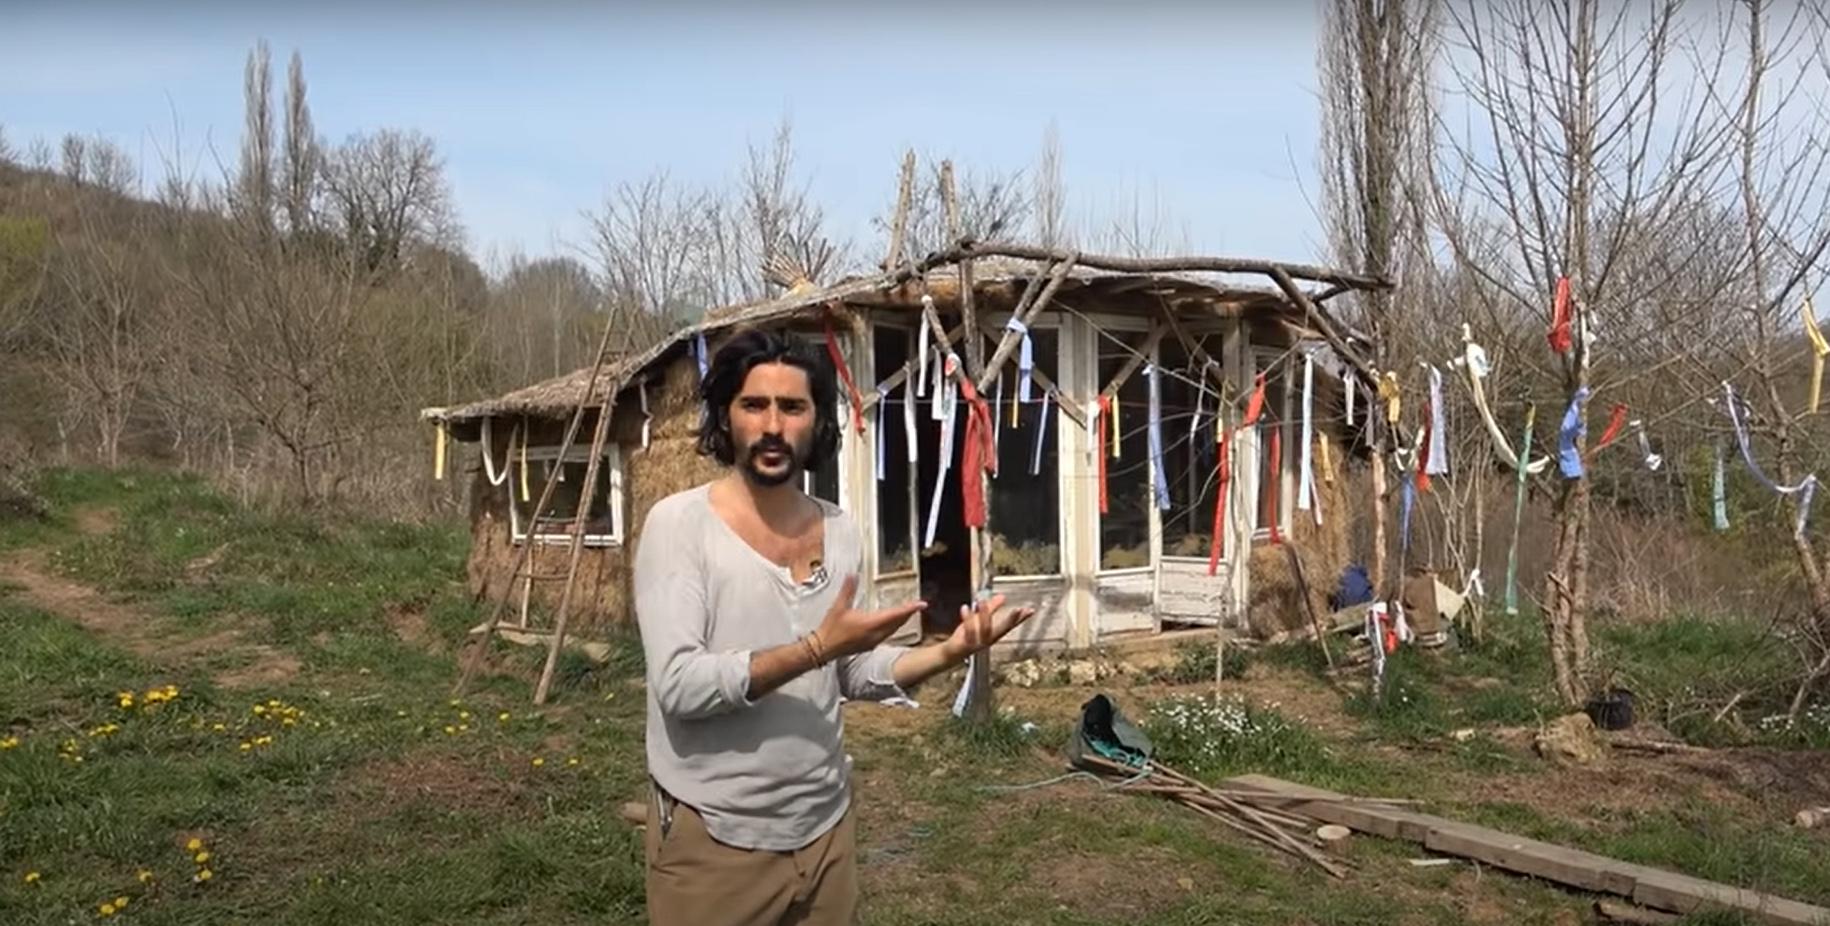 En Corrèze, ces écolos qui vivent dans des cabanes... et exaspèrent leurs voisins